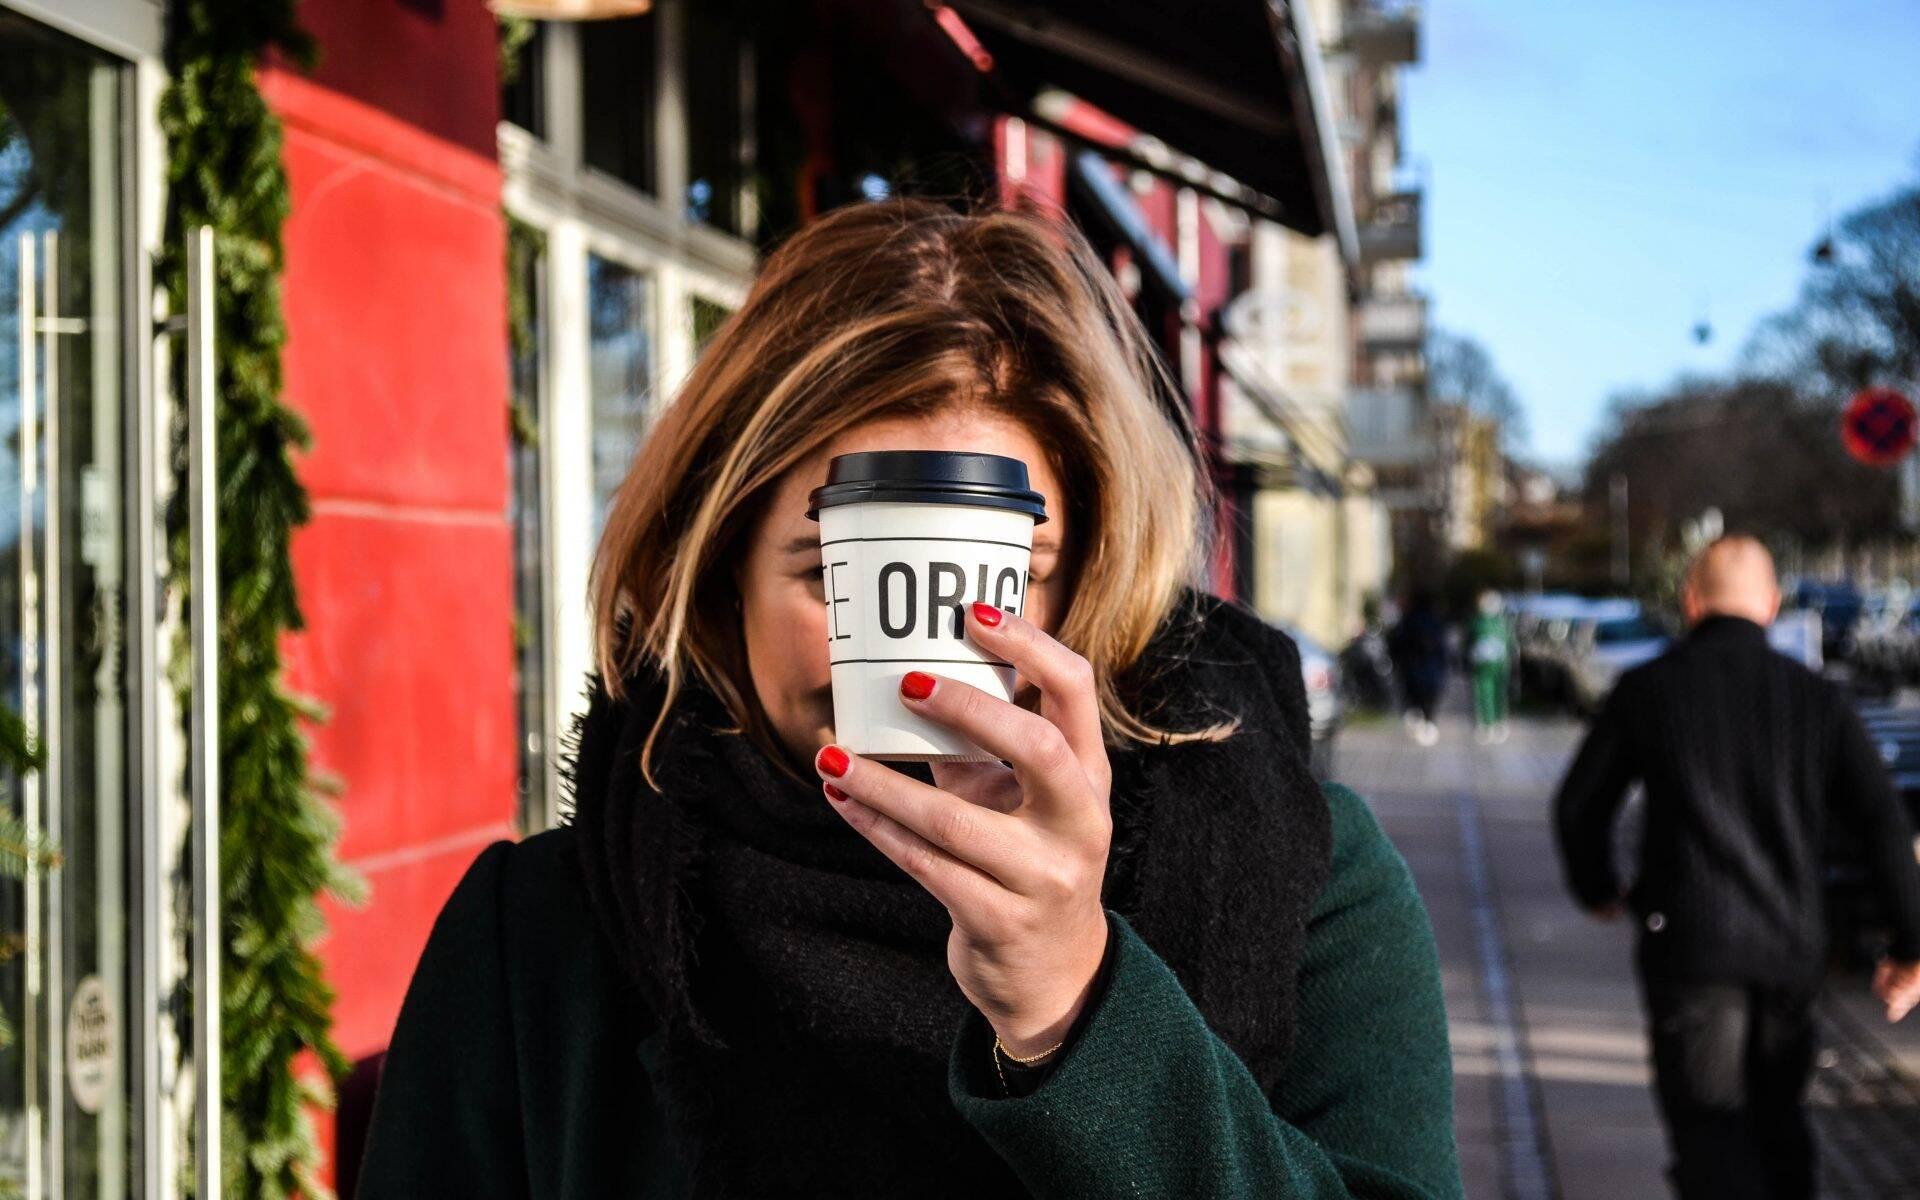 Original Coffee Dosseringen